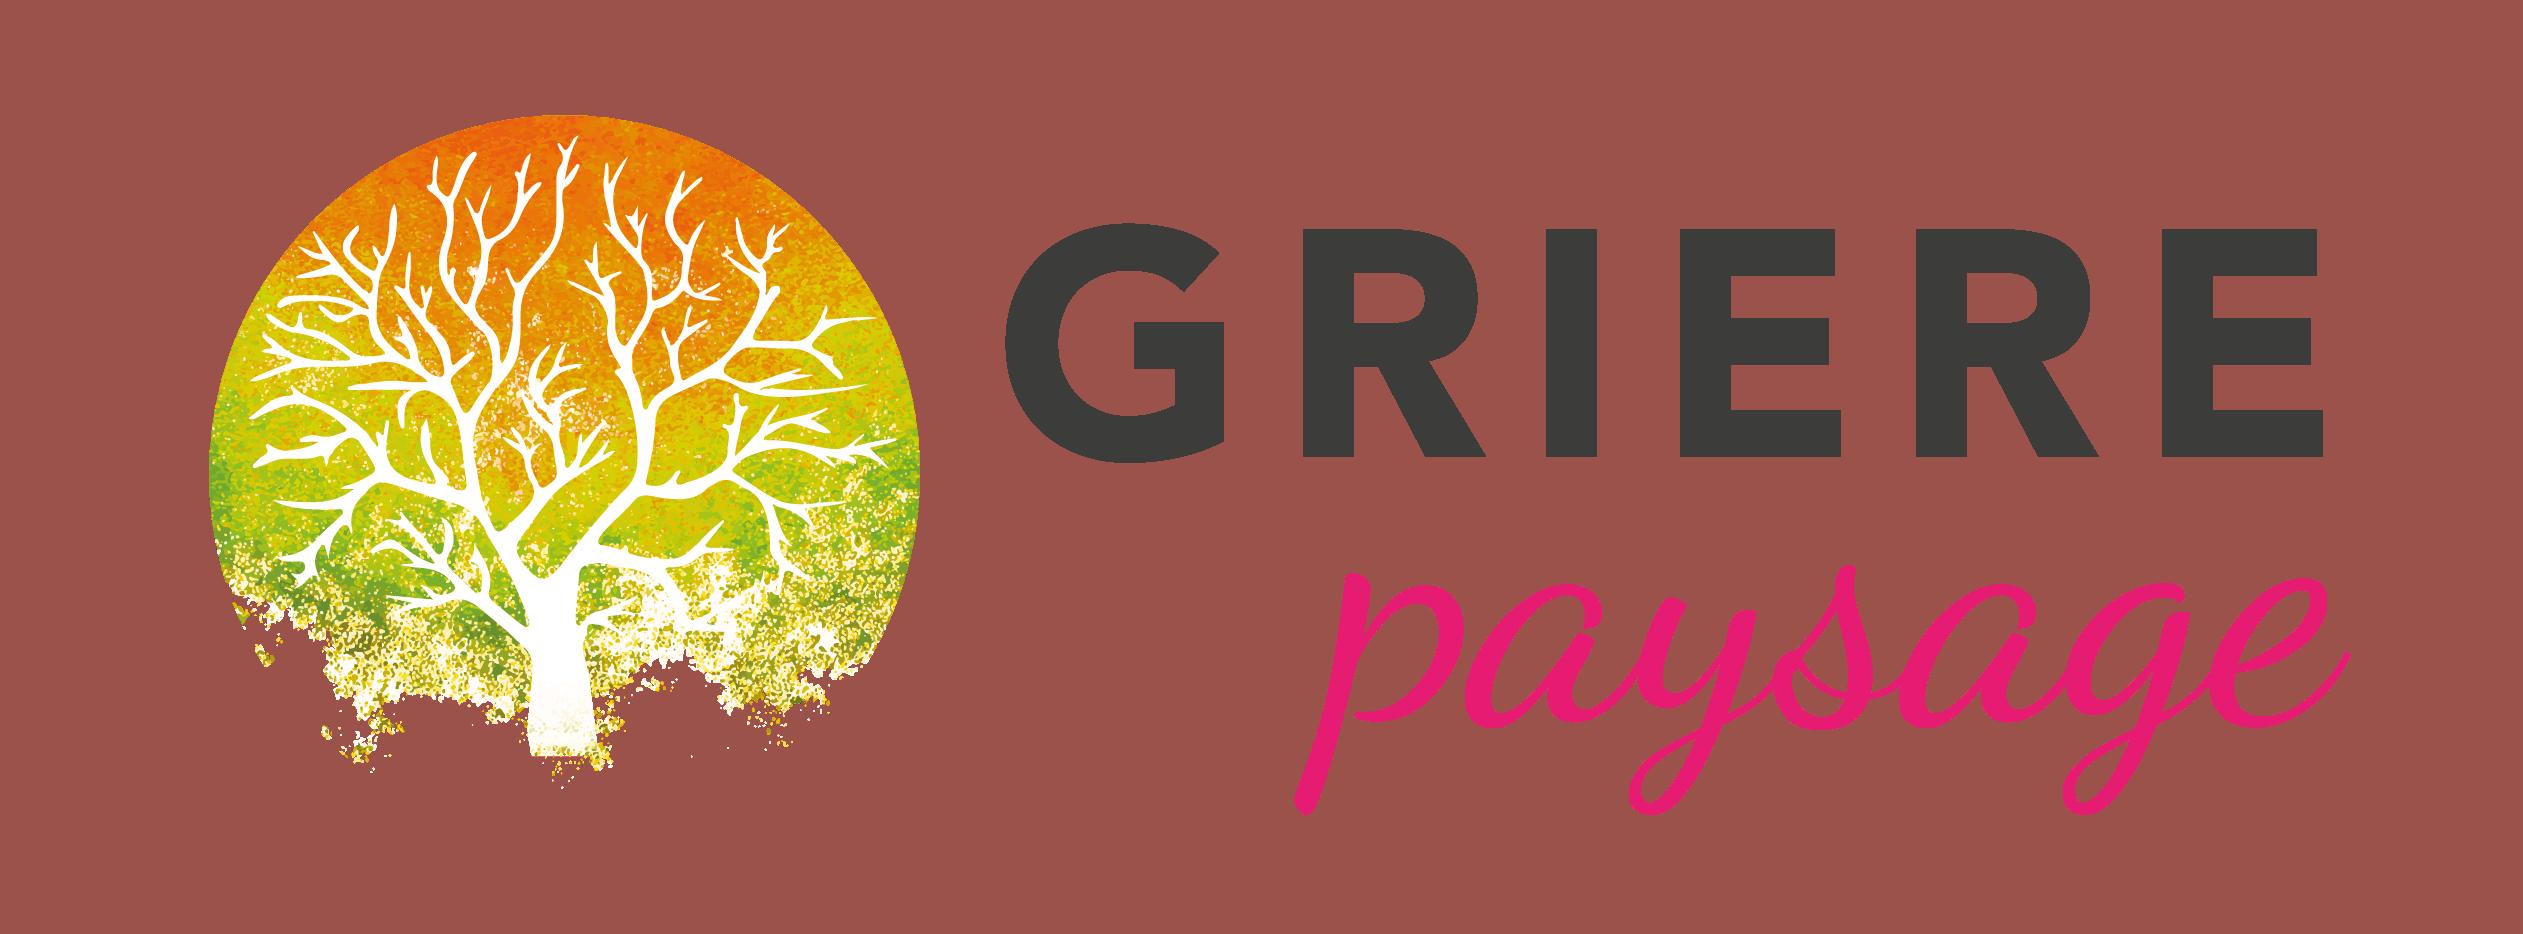 Logo GRIERE PAYSAGE